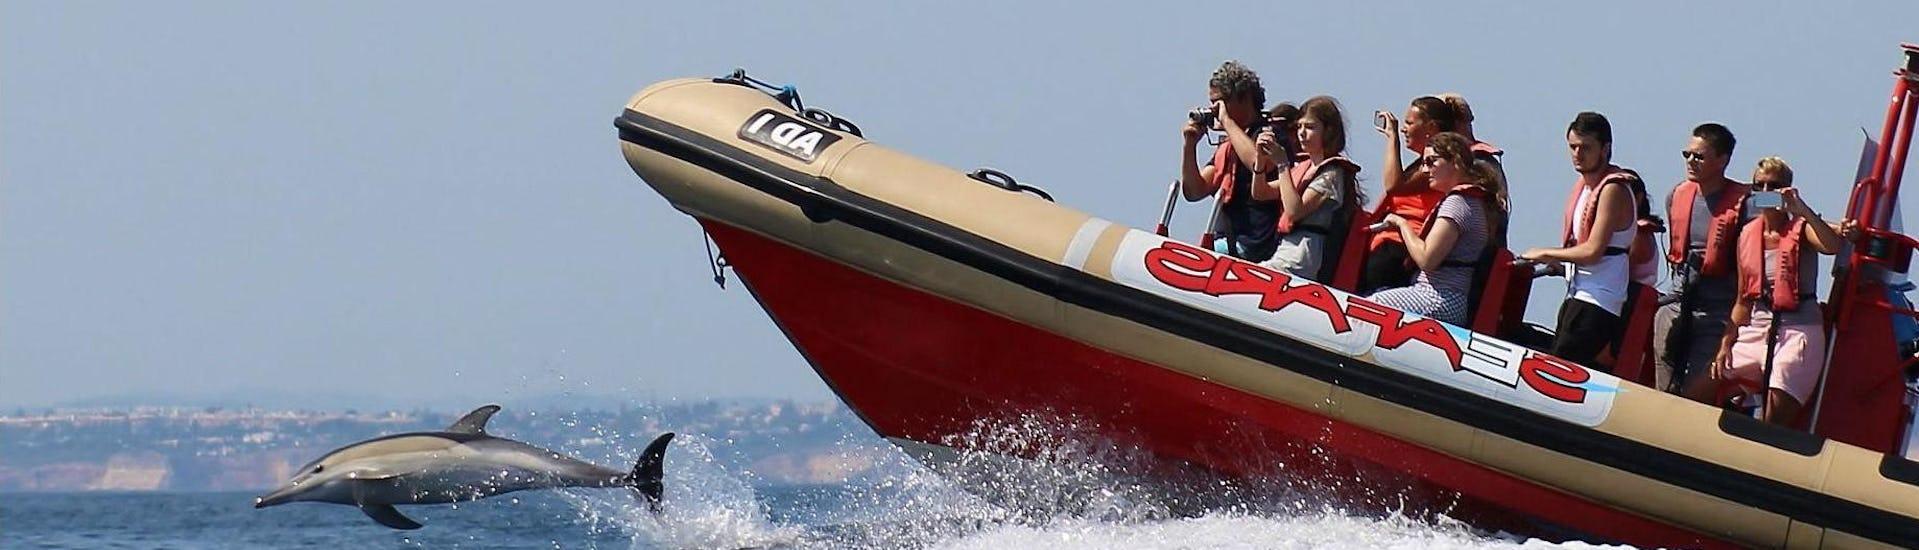 boat-tour-dolphin-watching-portimao-seafaris-hero